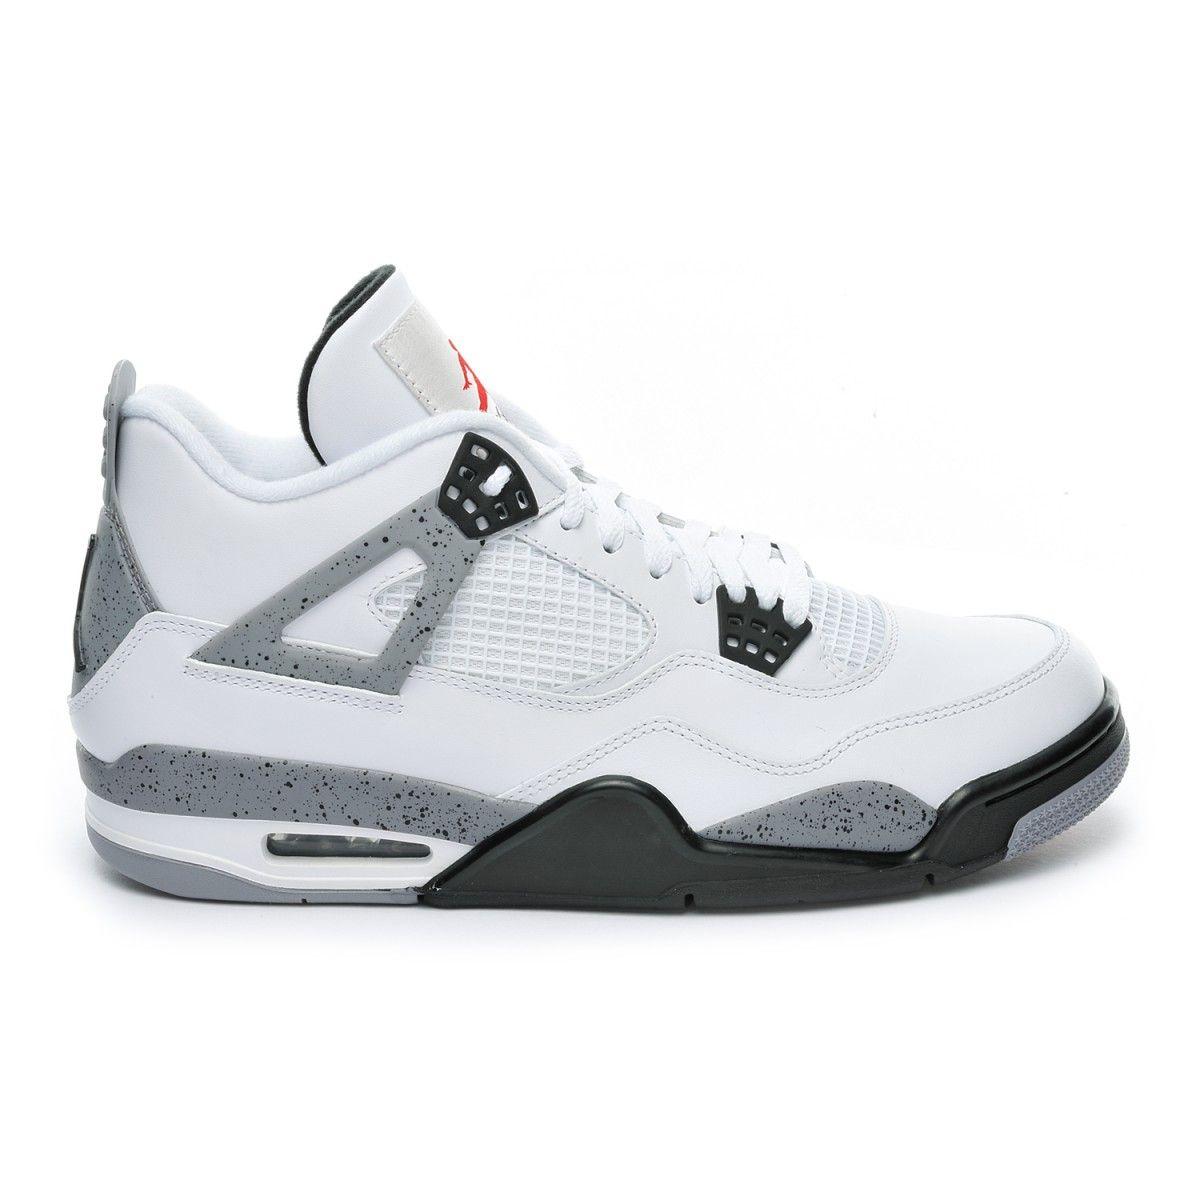 La Nouvelle Iv En Sur White 7 Cement Nike Sneaker Vente Jordan Air eEH92YbIWD